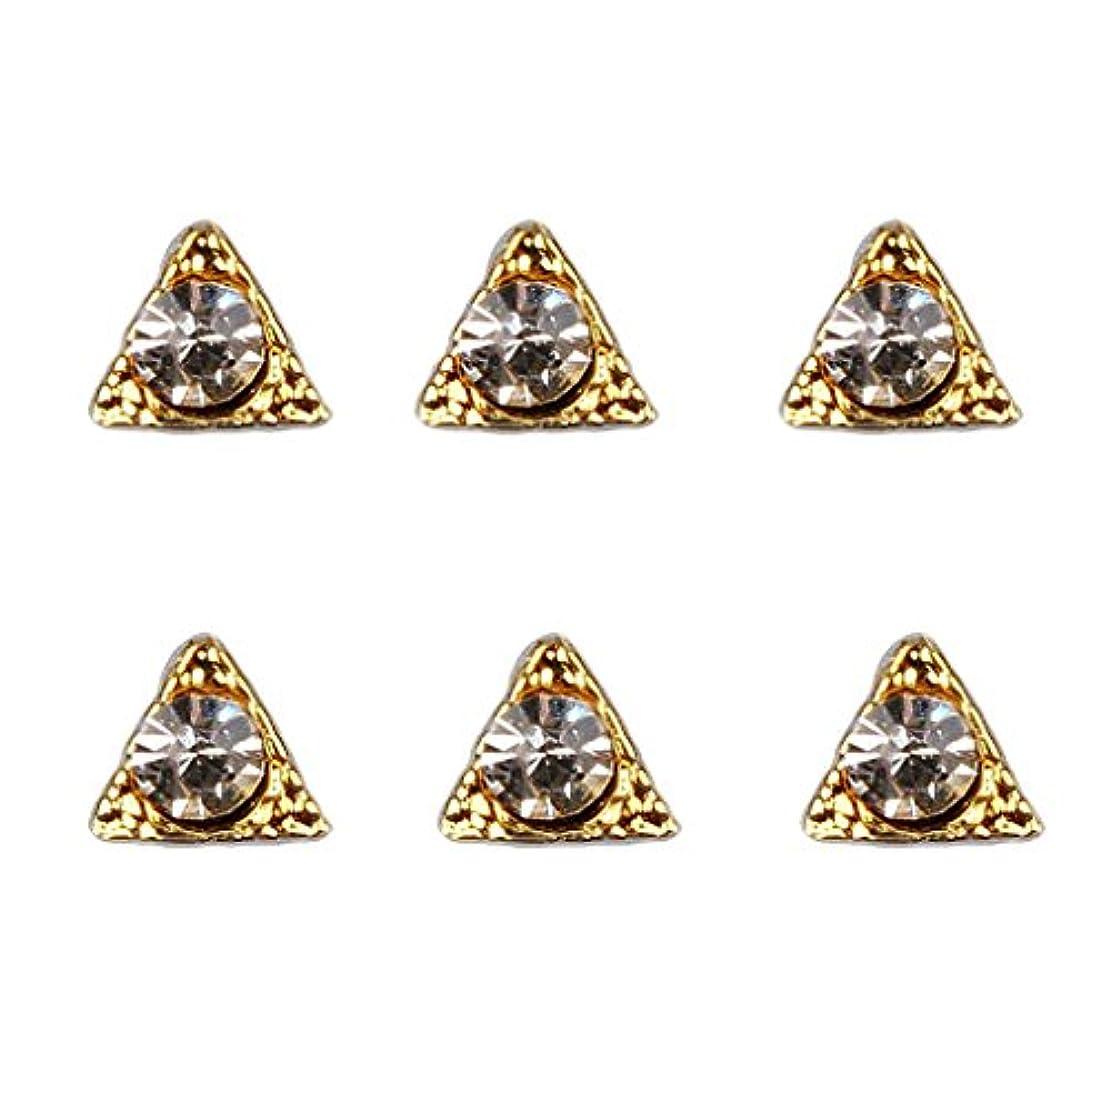 虚偽法廷同一のPerfeclan ネイル ネイルデザイン ダイヤモンド 3Dネイルアート ヒントステッカー デコレーション 50個入り - 7